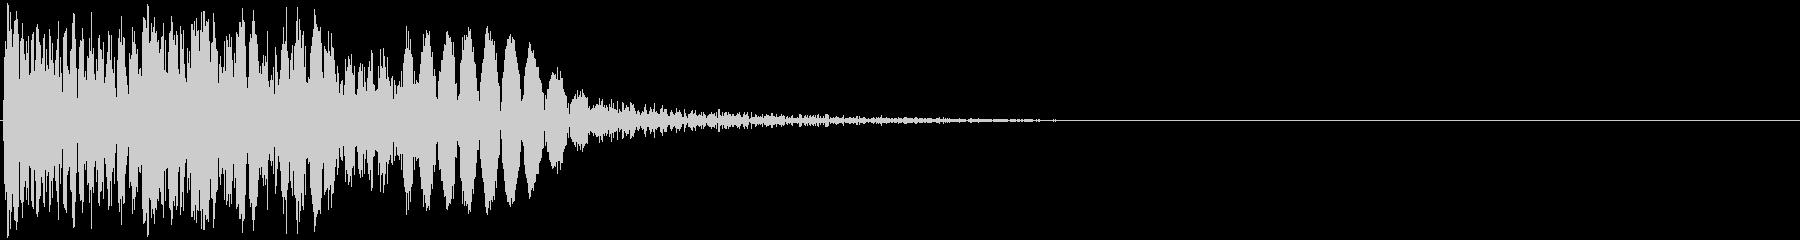 ドバーン(ダメージ・強撃・一撃・打撃系)の未再生の波形